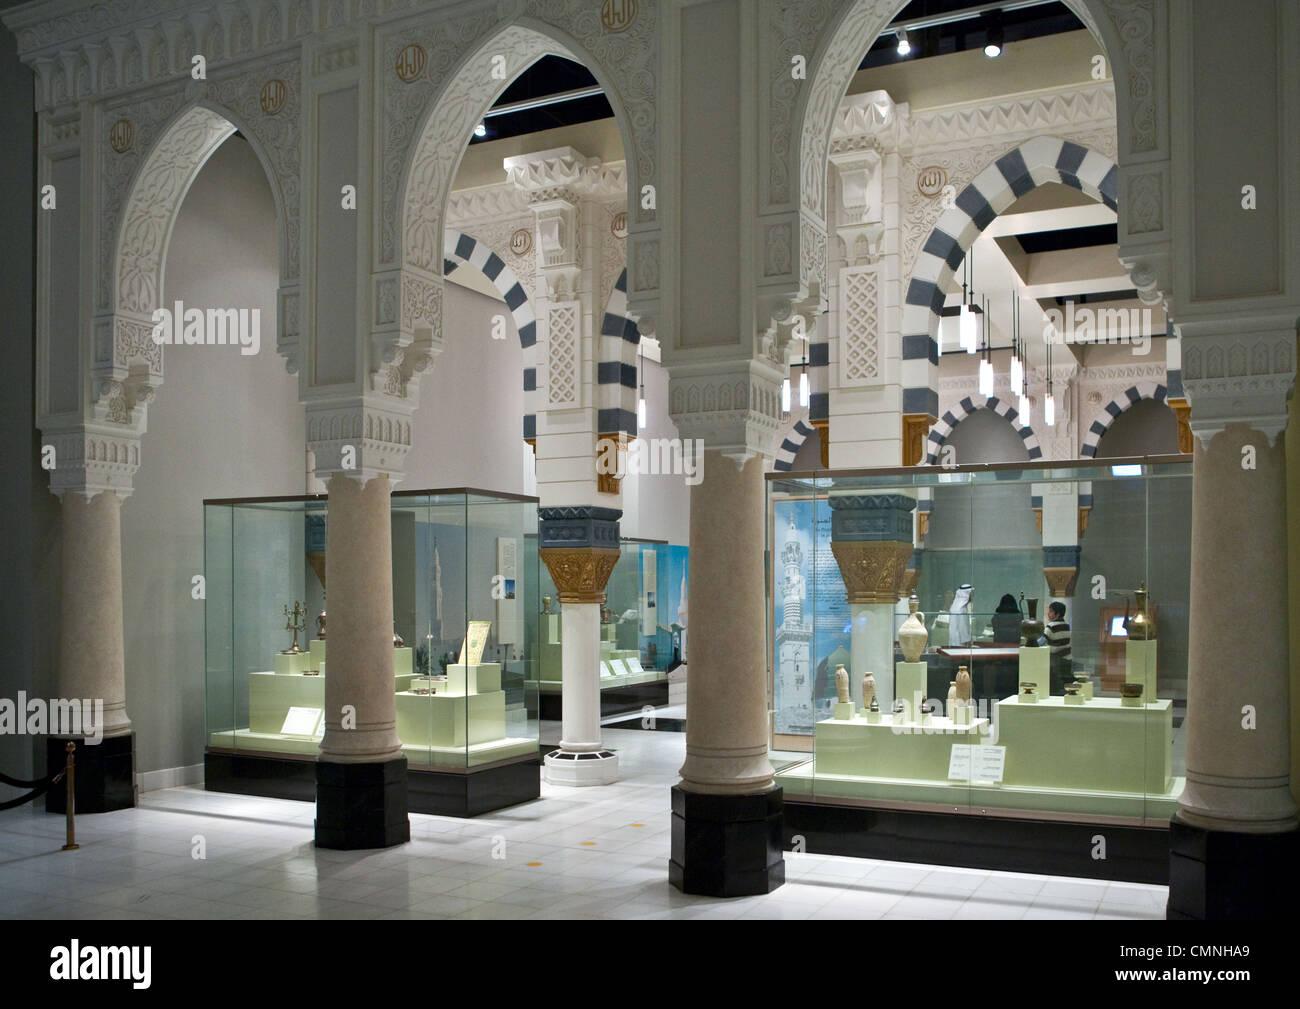 Asia Arabia Saudita Riad El Museo Nacional Imagen De Stock